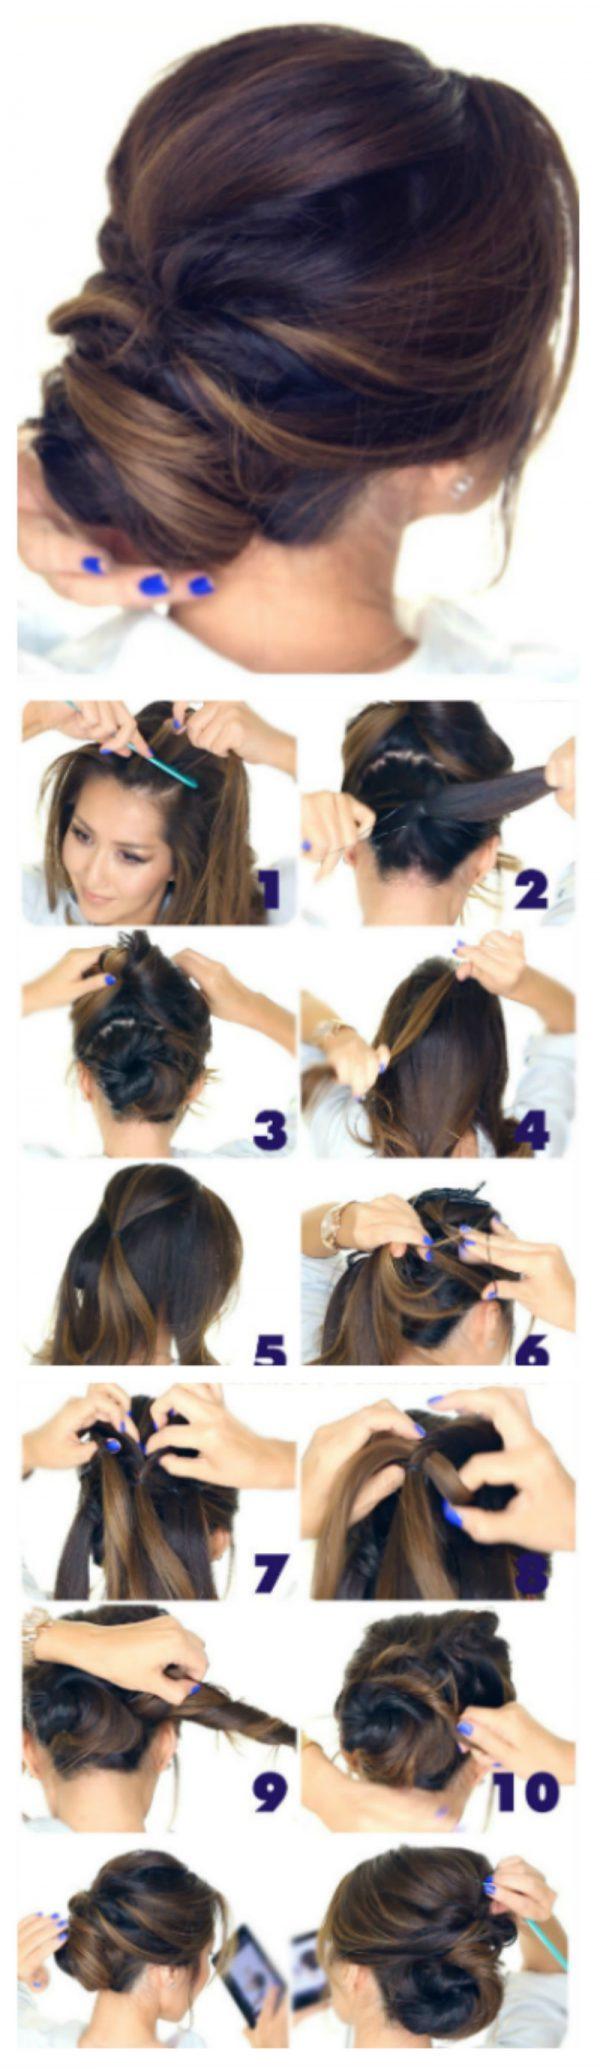 7 вариантов как сделать красивый пучок из волос для волос 23